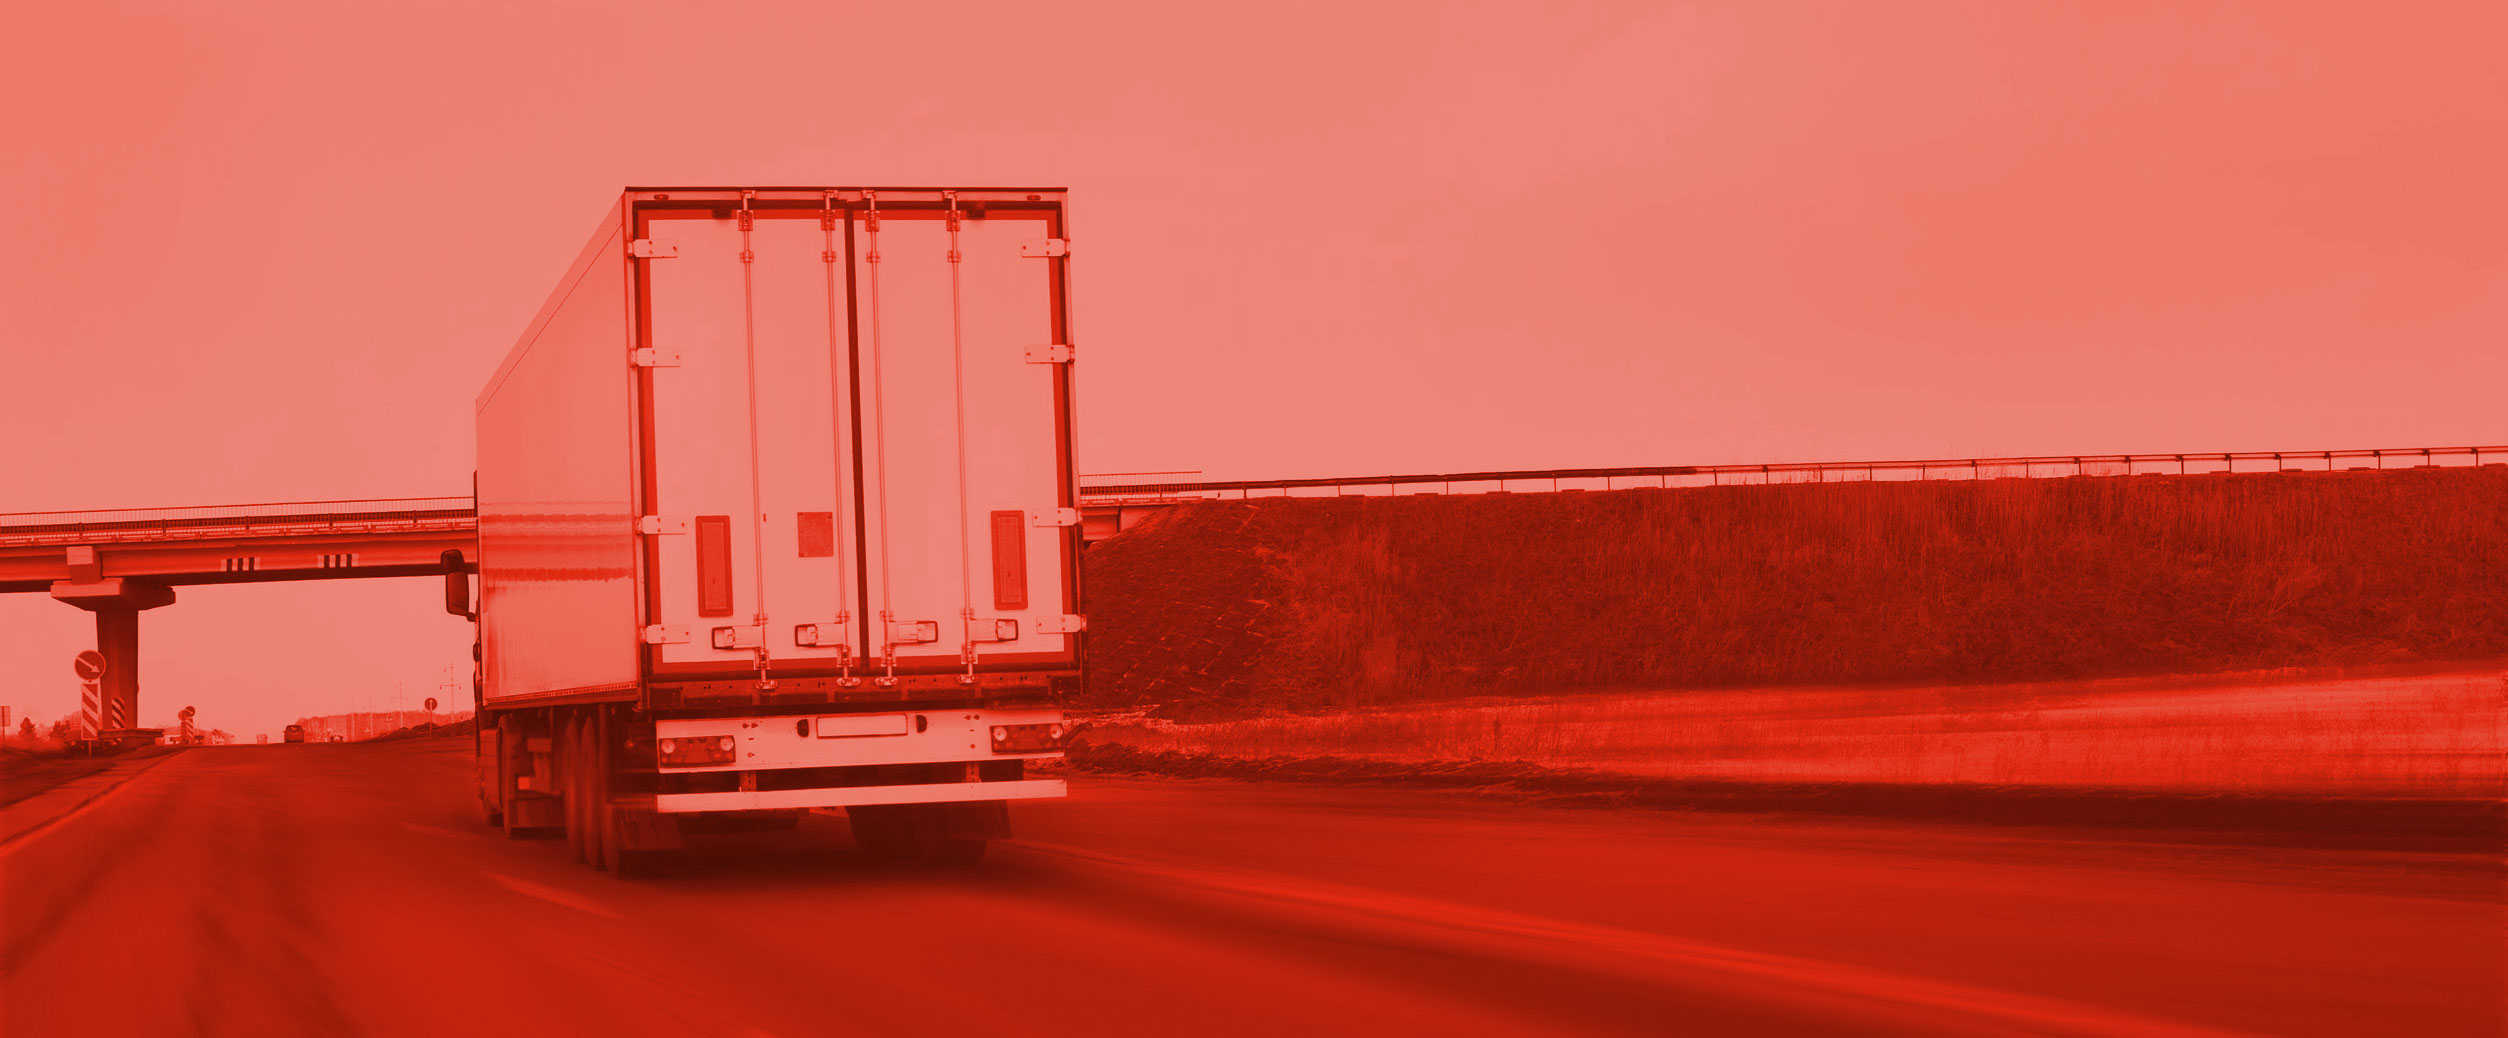 fondo contacto empresa camiones